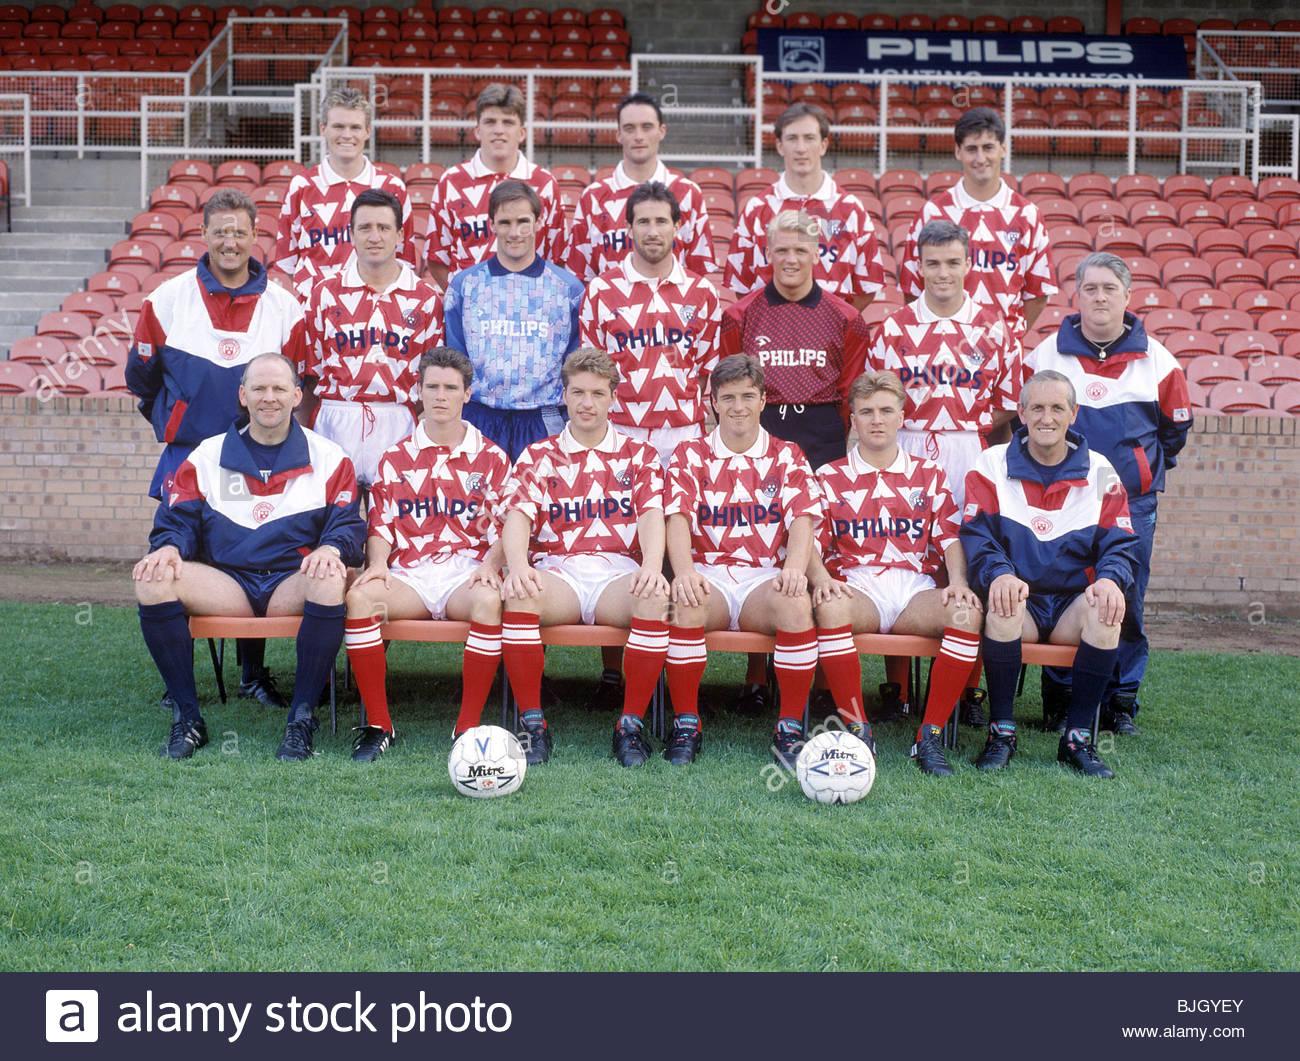 SEASON 1991/1992 HAMILTON FC Hamilton squad picture - Stock Image